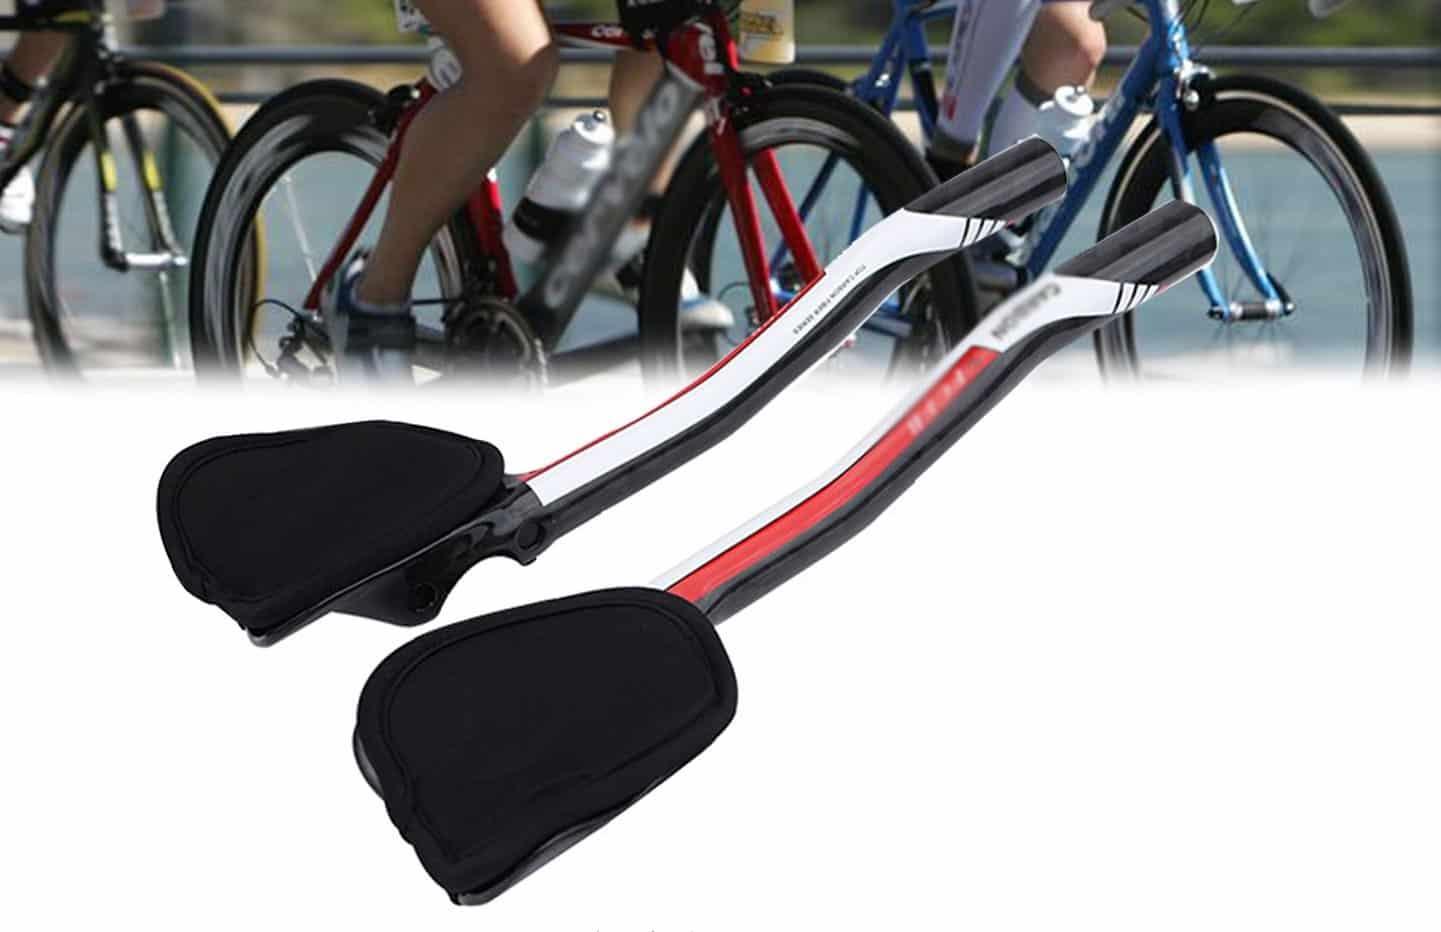 Handbars hybike Aerobars BCCN BN-X008 for Moutain Bike or Road Bike